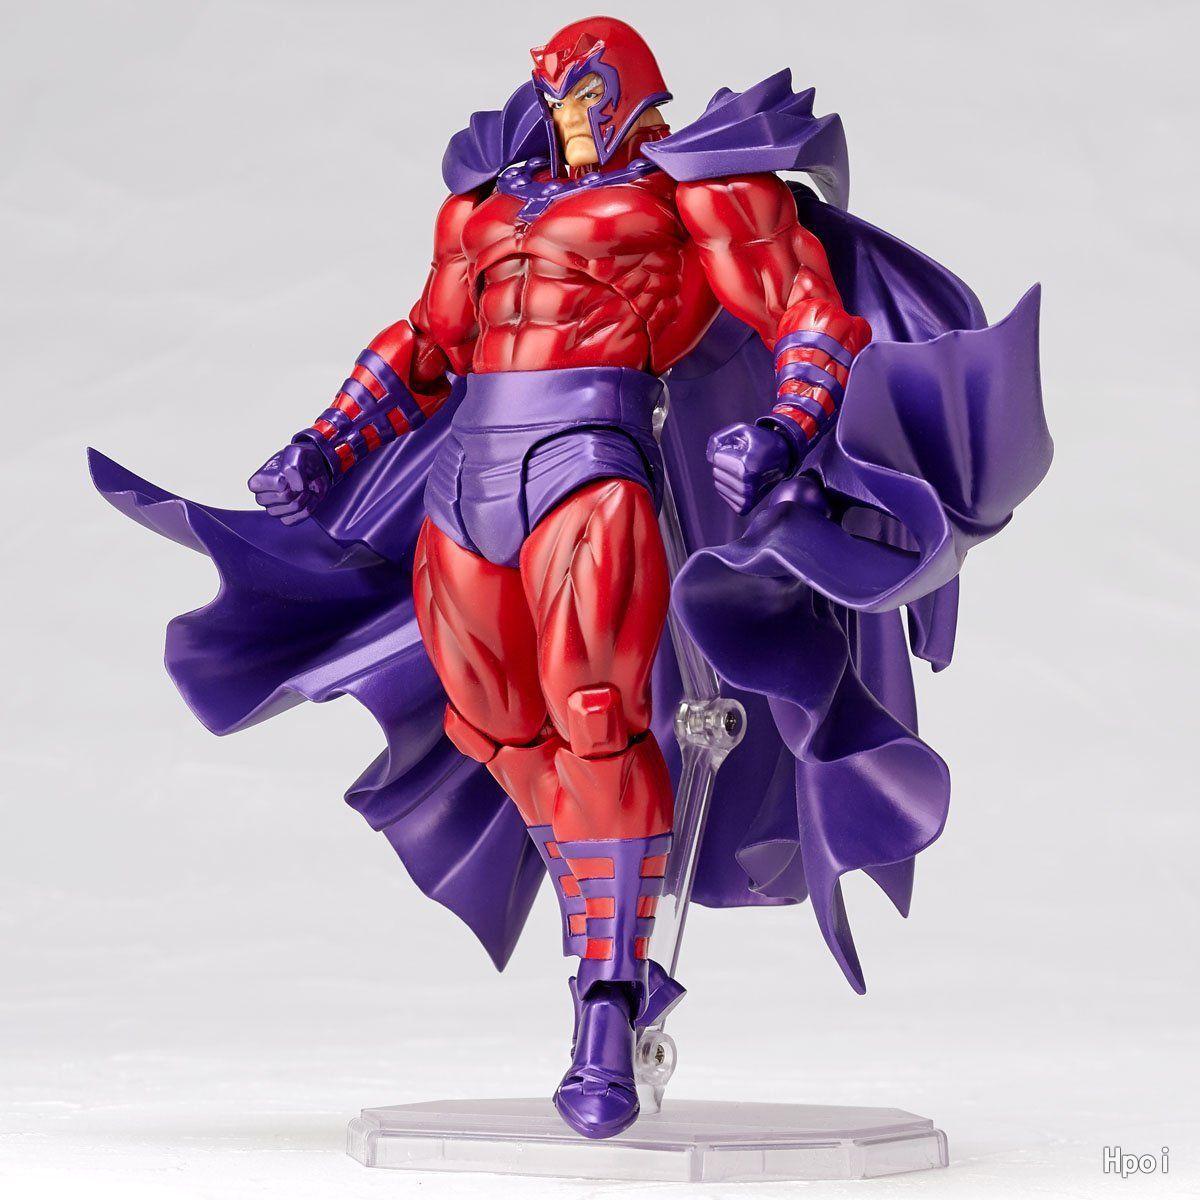 16 cm magnéto figma X-MEN Max Eisenhardt Super héros BJD Figure modèle jouets